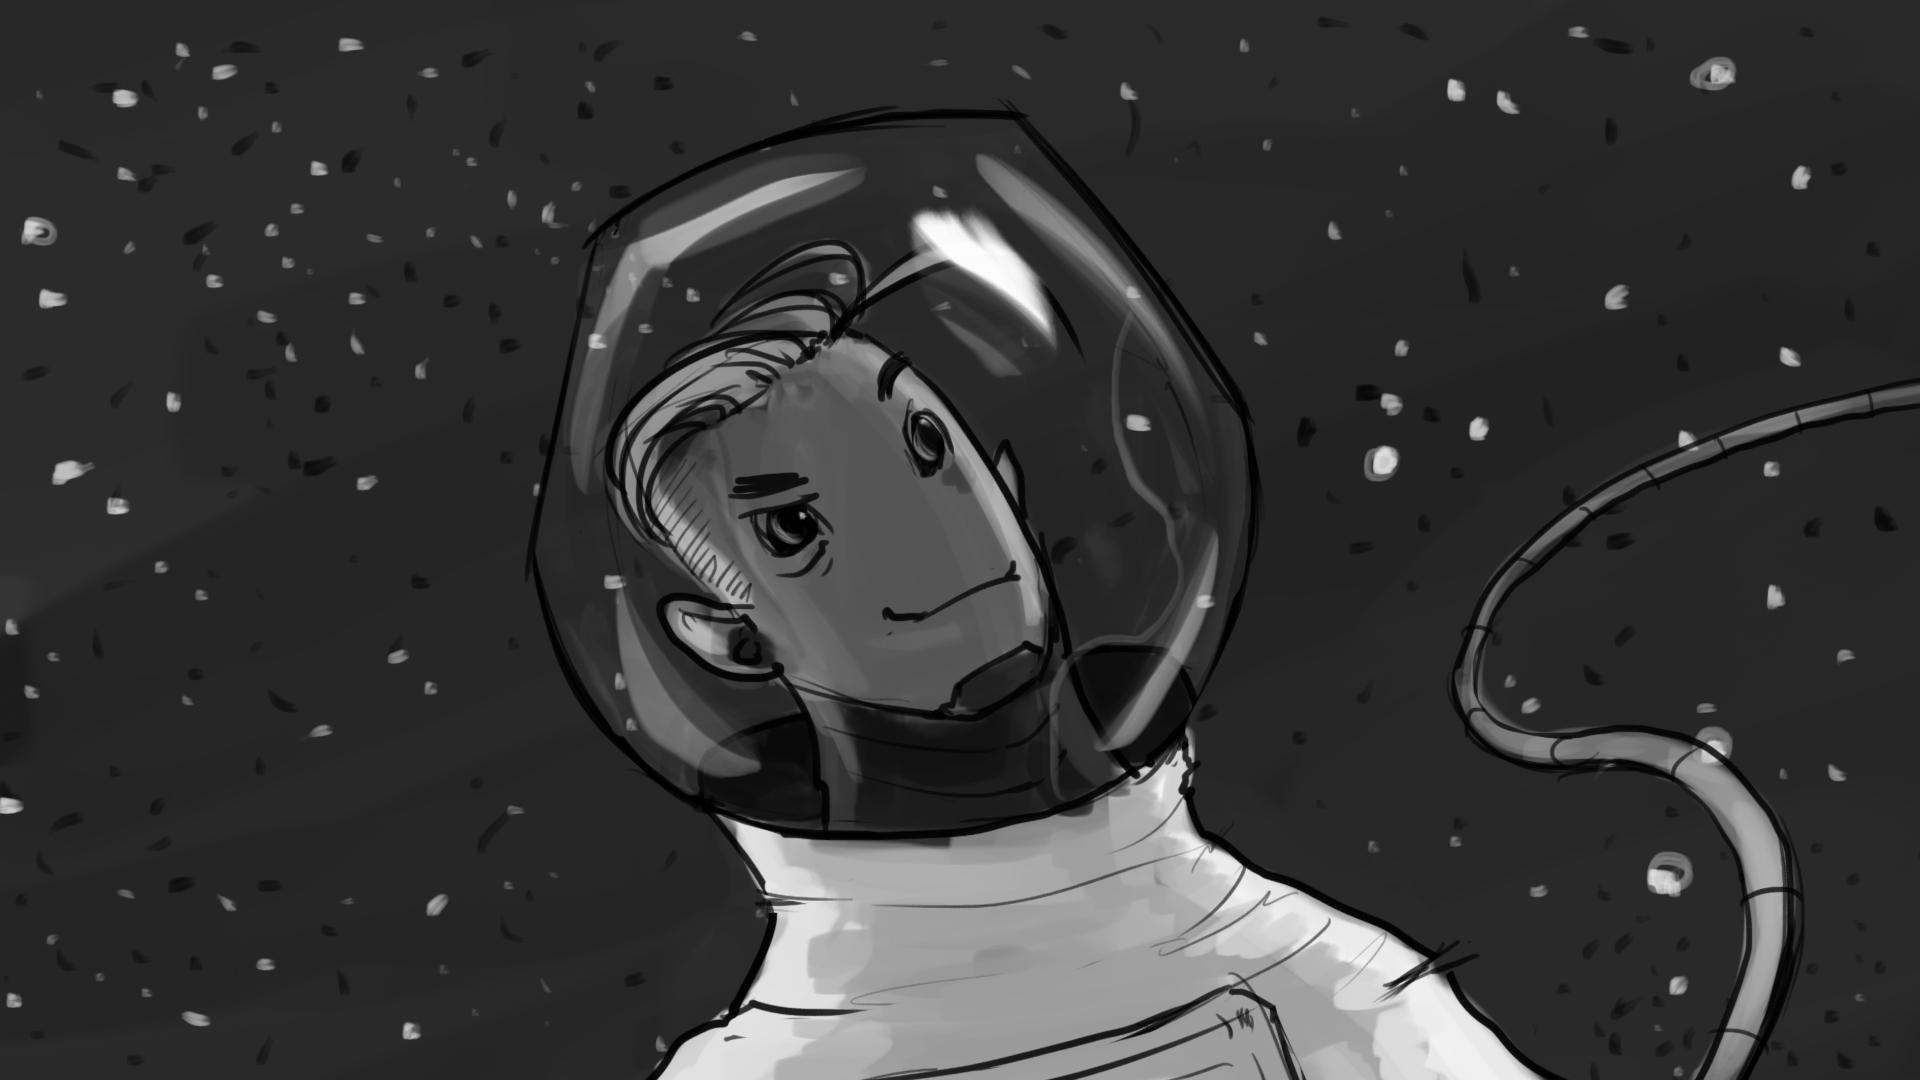 Rocket_Man_Storyboard_Artboard 11.jpg